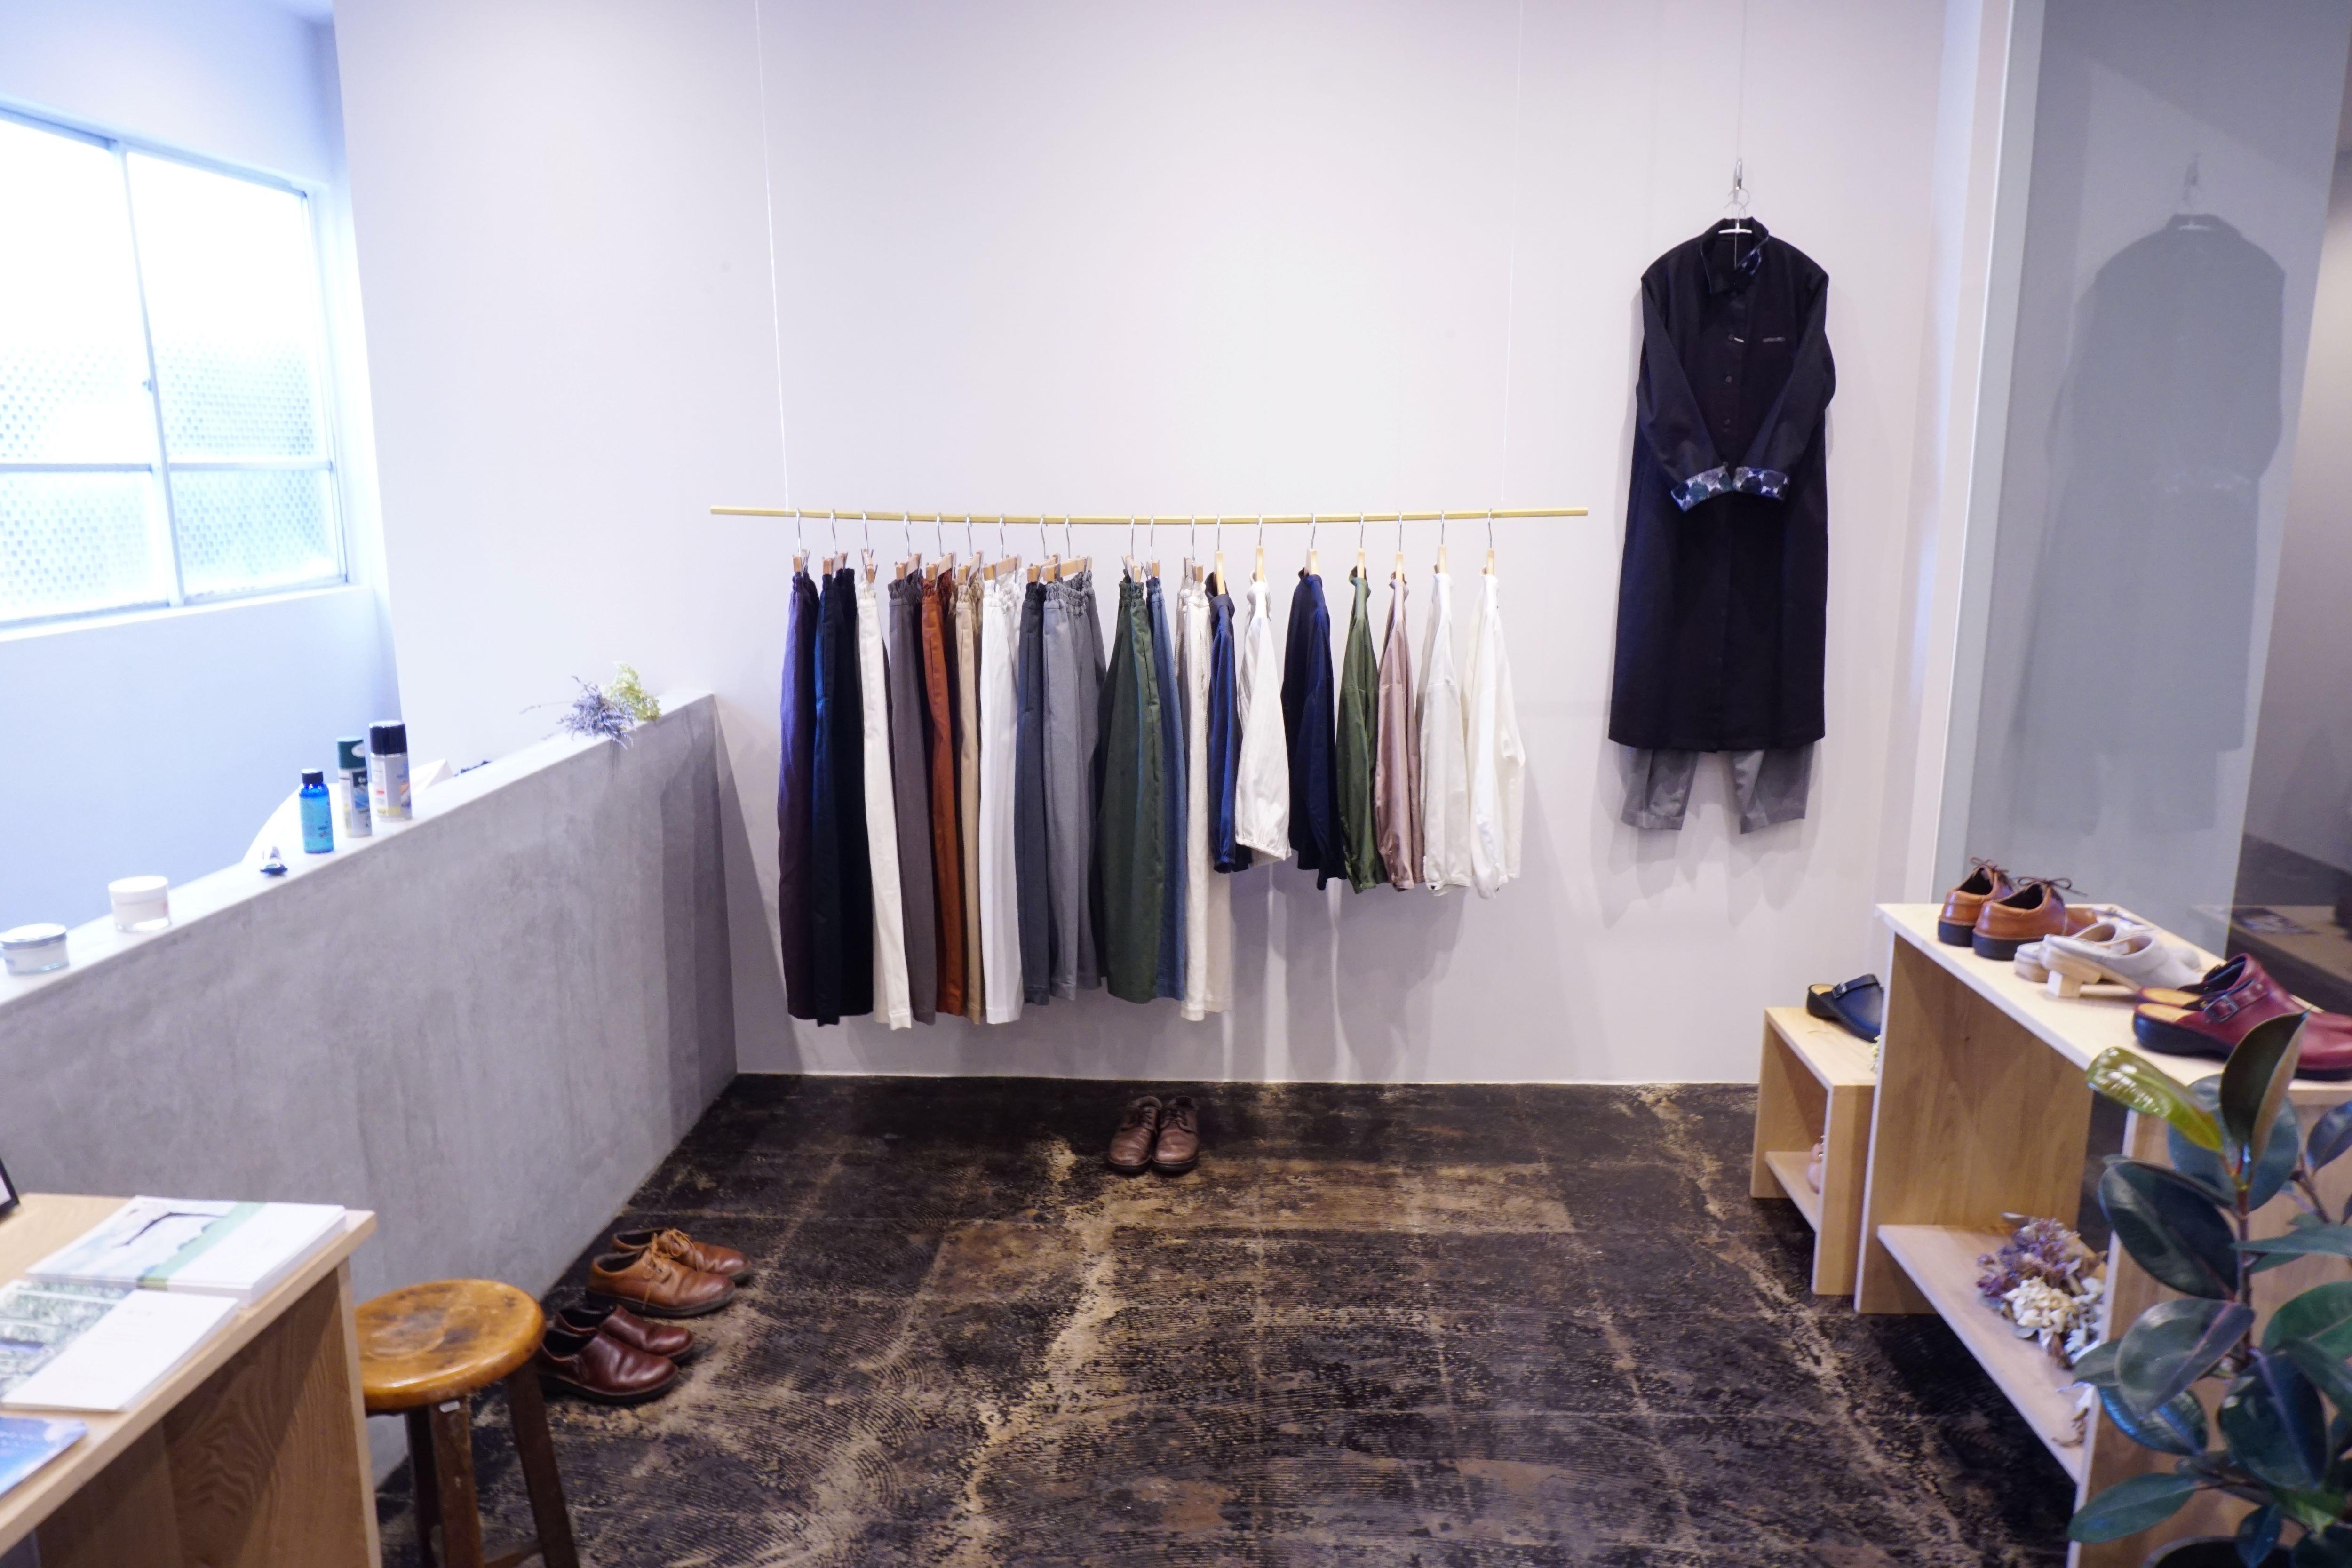 毎日の「歩く」が嬉しくなる靴さがし。革靴のお店「NAOT AICHI」が新しくオープン。 - ADSC00896 2